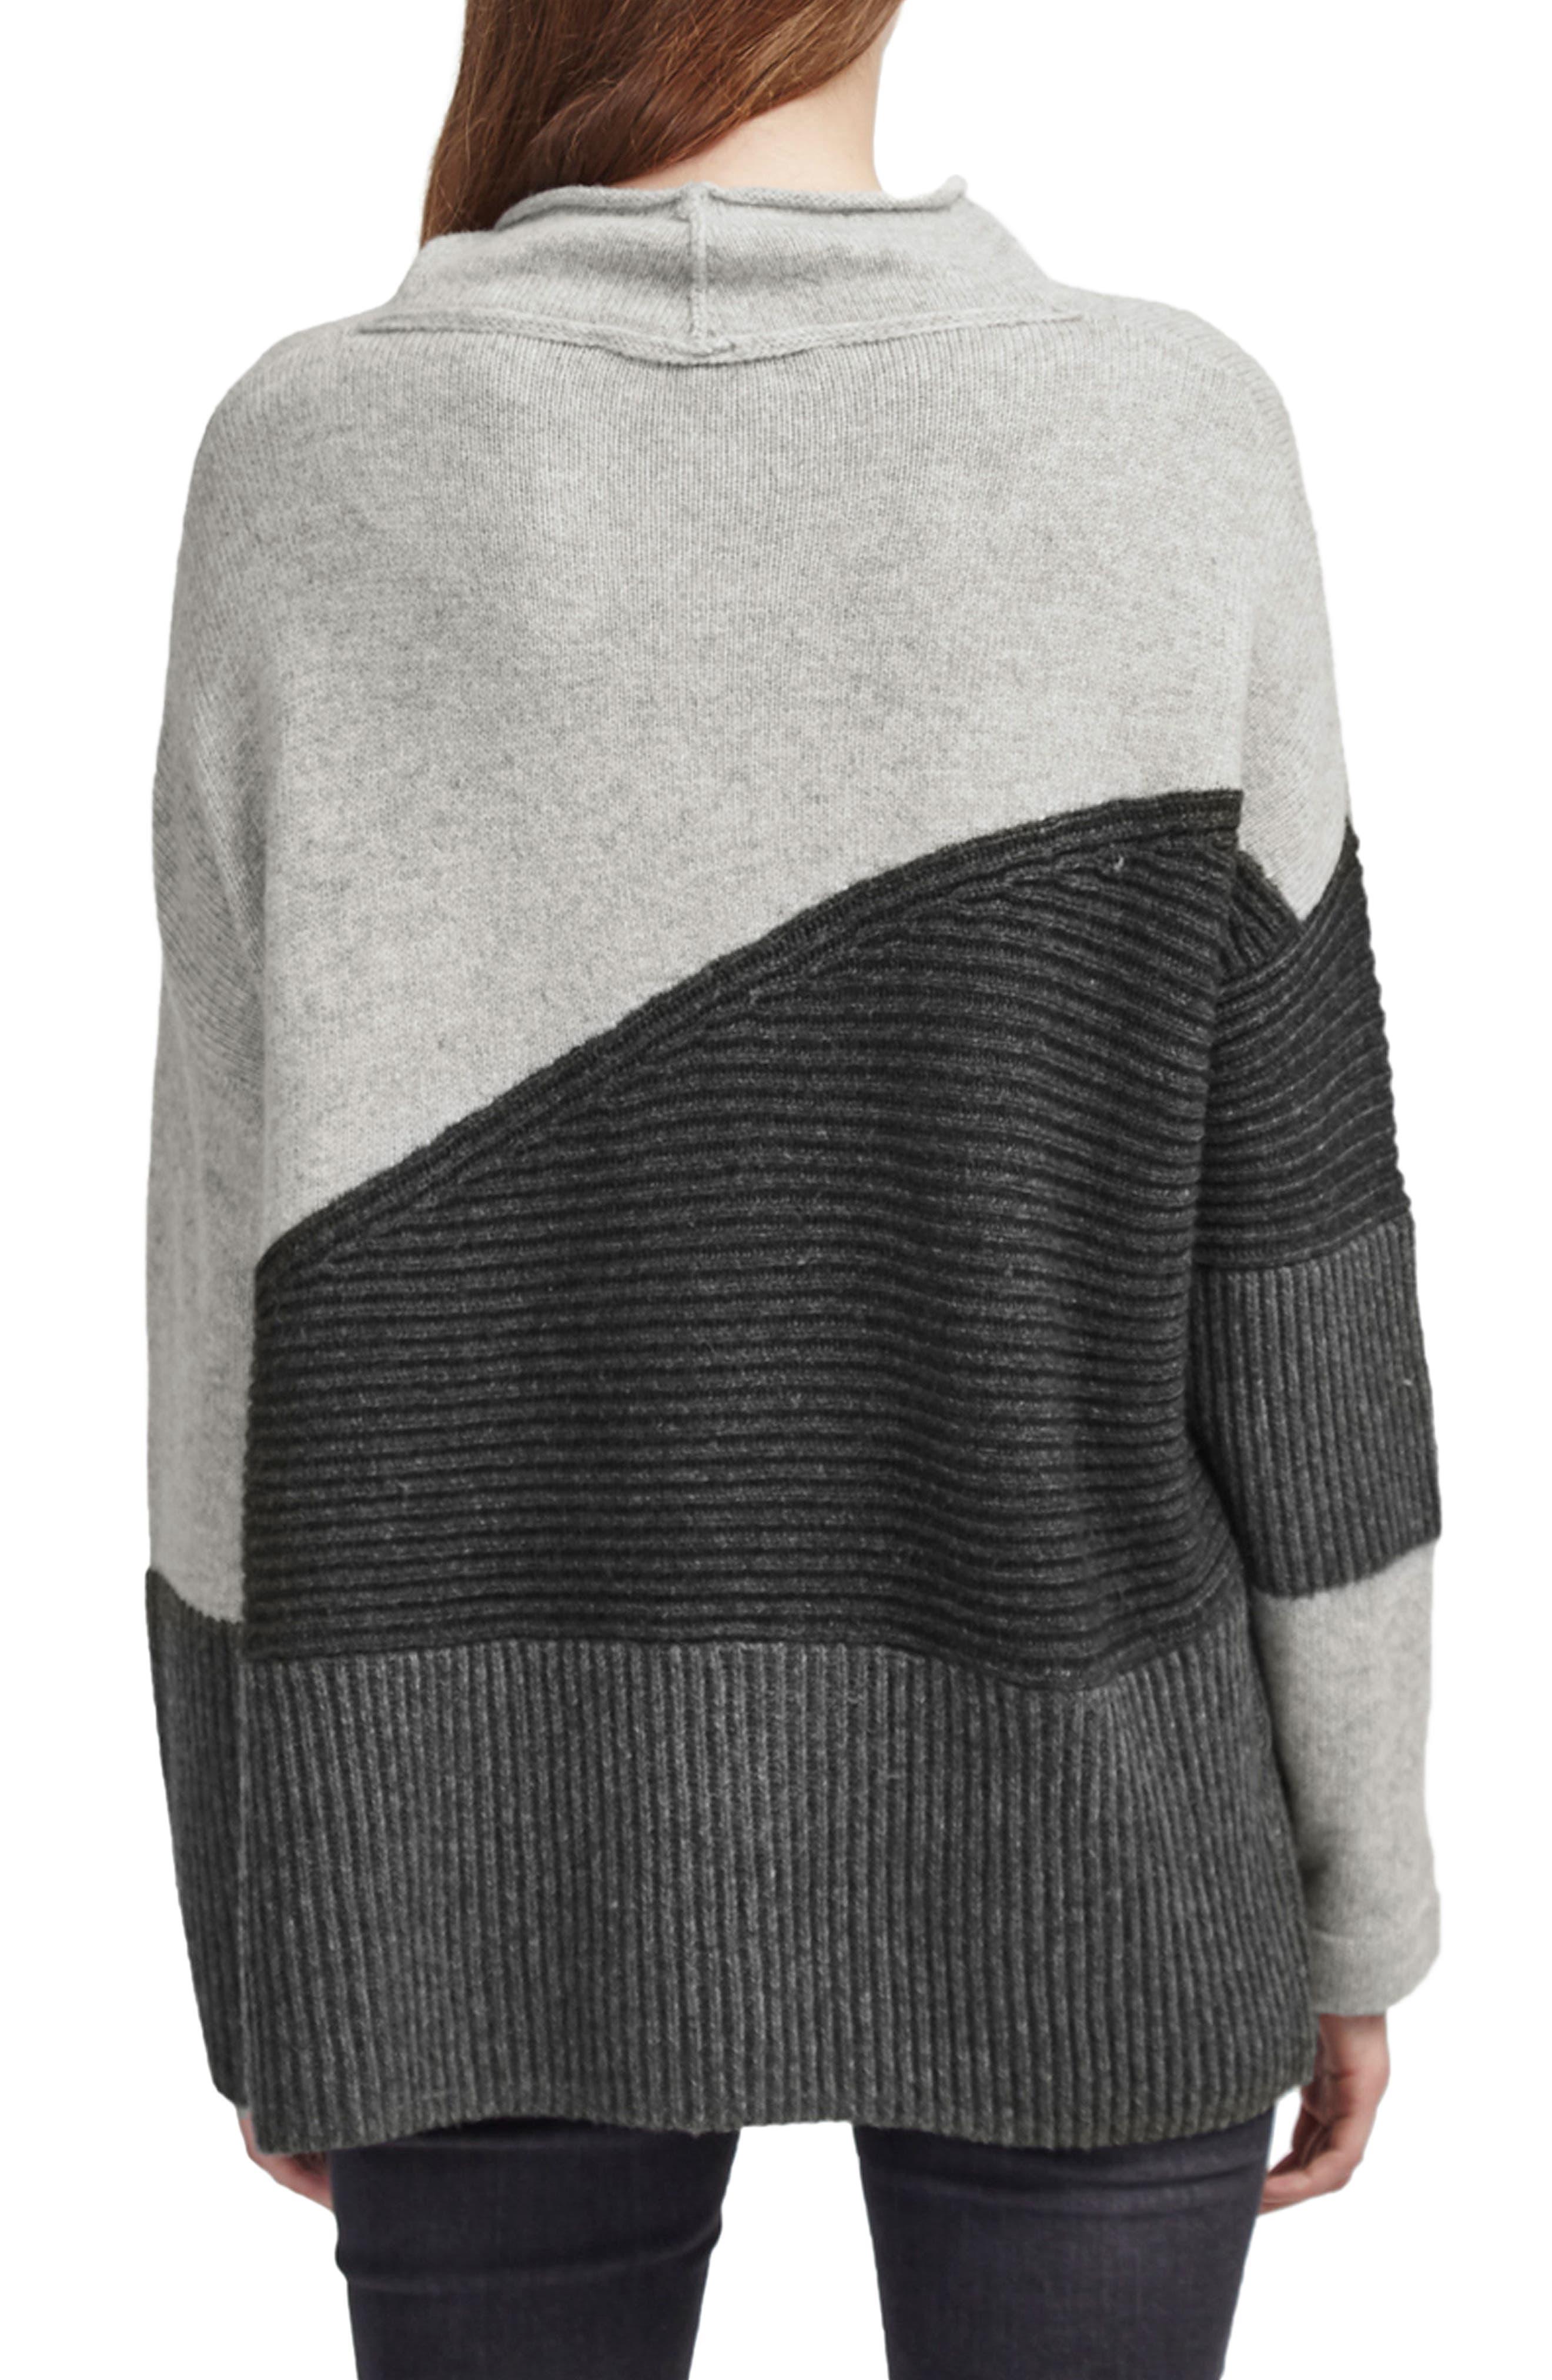 Patchwork Mock Neck Sweater,                             Alternate thumbnail 2, color,                             GREY MELANGE MULTI